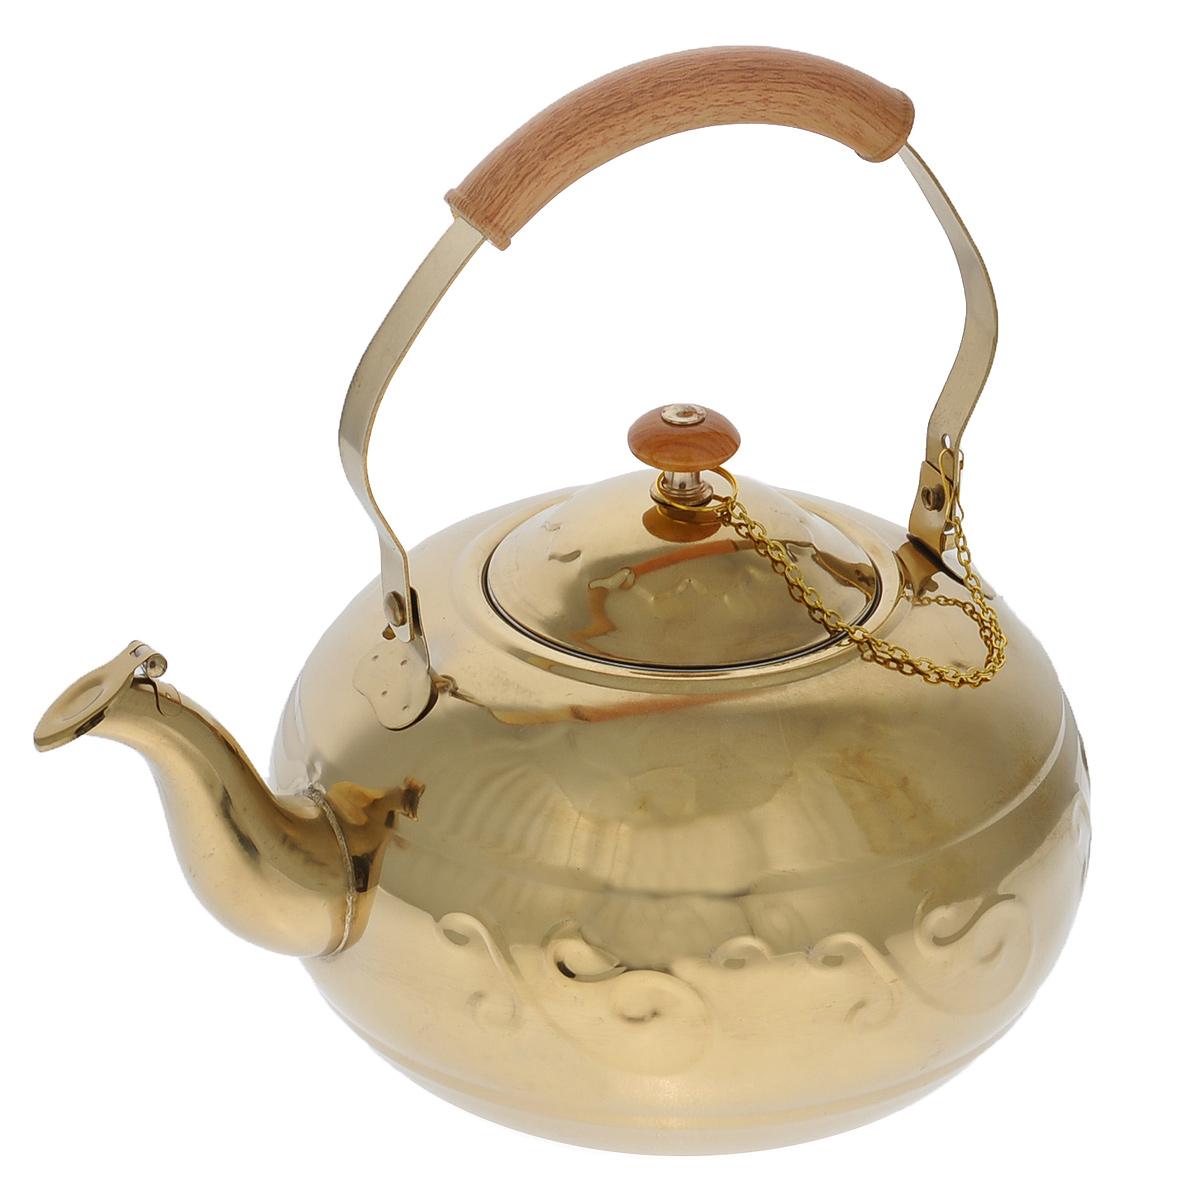 Чайник Bekker, с ситечком, цвет: золотистый, 1,8 лBK-S495Чайник Bekker выполнен из высококачественной нержавеющей стали, что обеспечивает долговечность использования. Рельеф и зеркальное покрытие придает чайнику приятный внешний вид. Бакелитовая ручка декорирована под дерево и делает использование чайника очень удобным и безопасным. Чайник снабжен ситечком для заваривания. Можно мыть в посудомоечной машине. Пригоден для всех видов плит, включая индукционные.